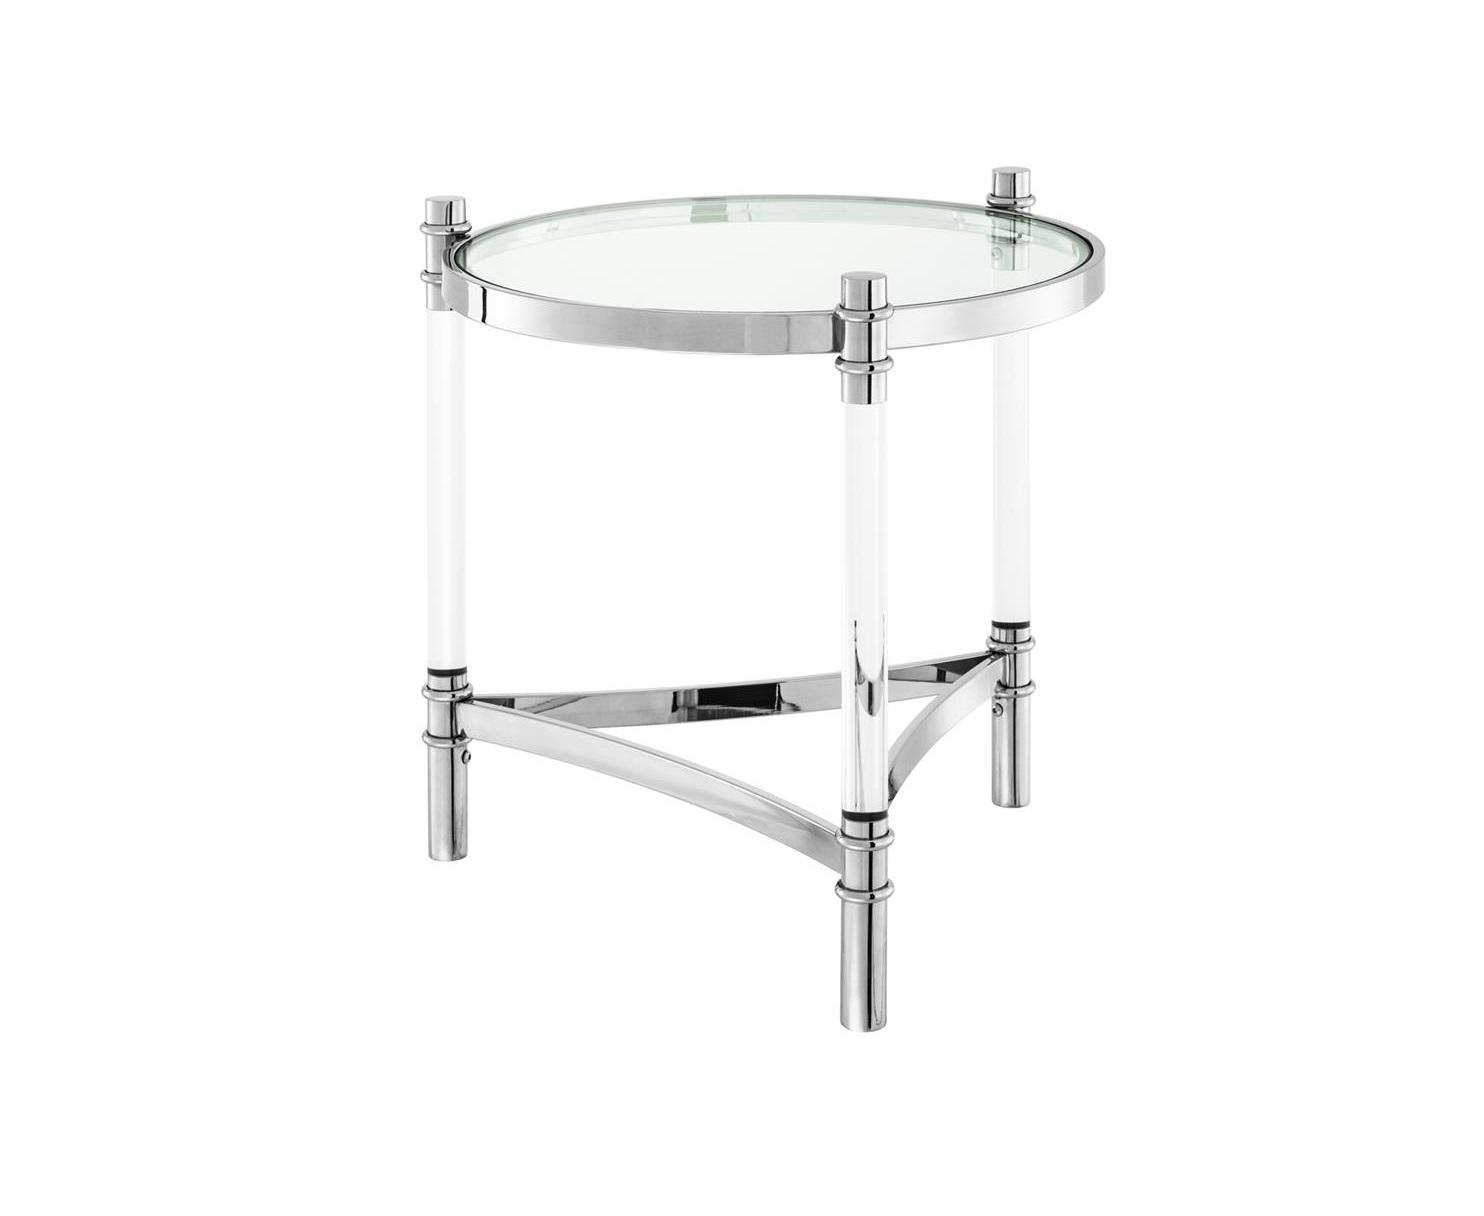 СтолКофейные столики<br>Столик Side Table Trento выполнен из полированной нержавеющей стали. Столешница из прозрачного стекла.<br><br>Material: Стекло<br>Height см: 55<br>Diameter см: 50